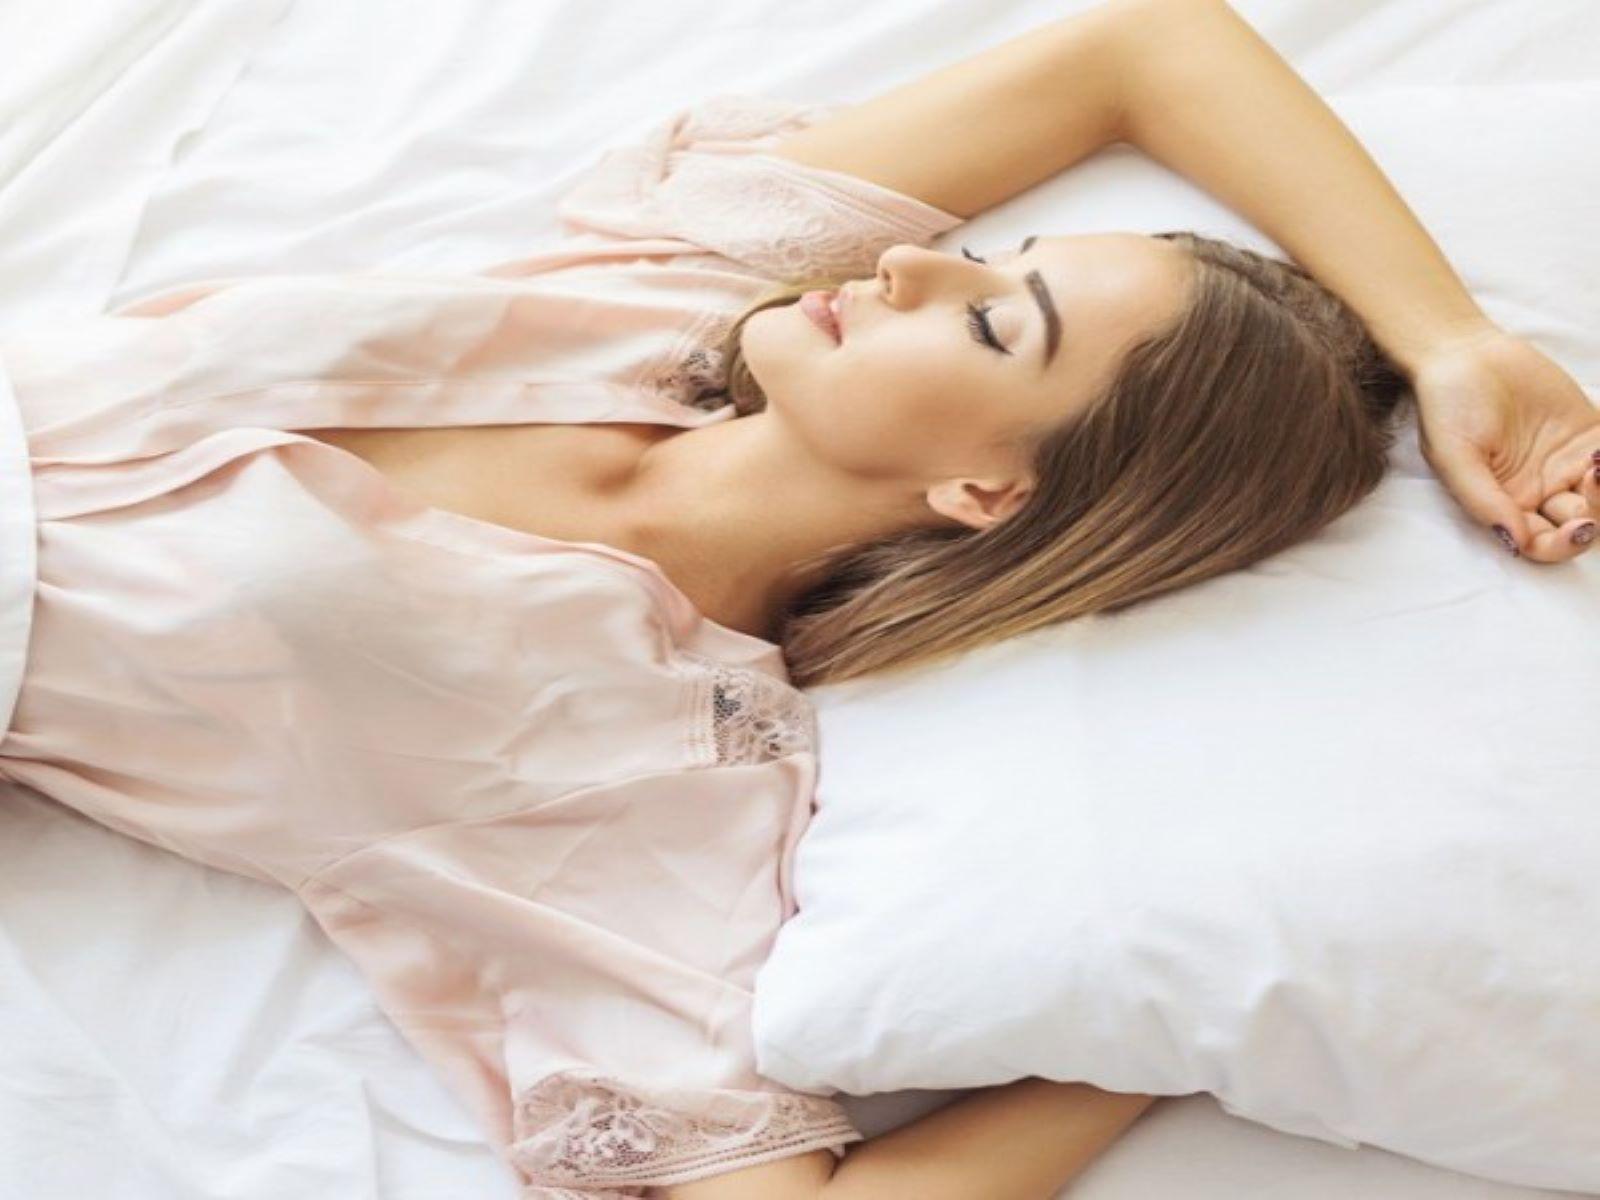 Όνειρο σεξουαλικού περιεχομένου: γιατί το βλέπουν οι γυναίκες